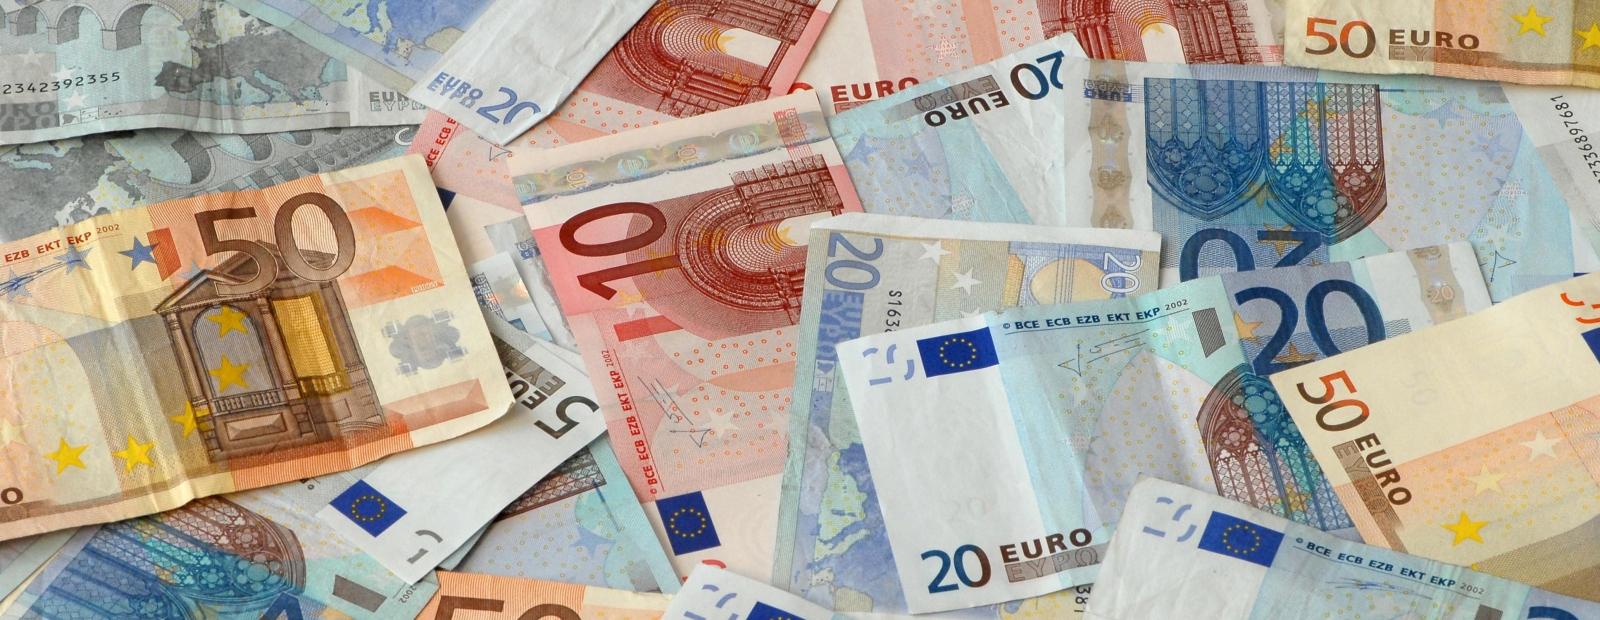 Vēlies uzzināt kā strādā Forex tirgus? Meklē atbildi šeit!